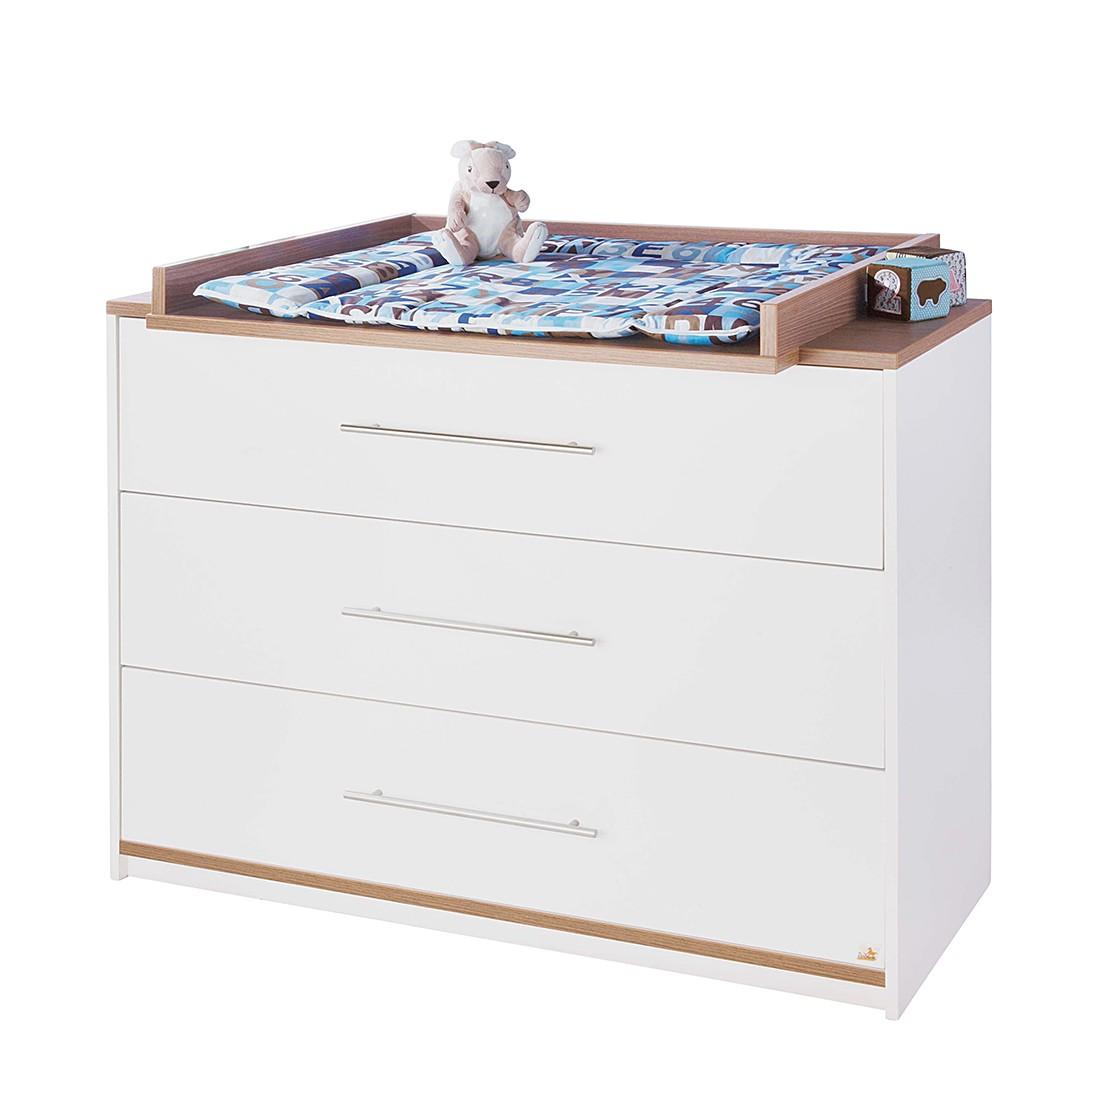 pinolino felix wickelkommode preisvergleich die besten angebote online kaufen. Black Bedroom Furniture Sets. Home Design Ideas